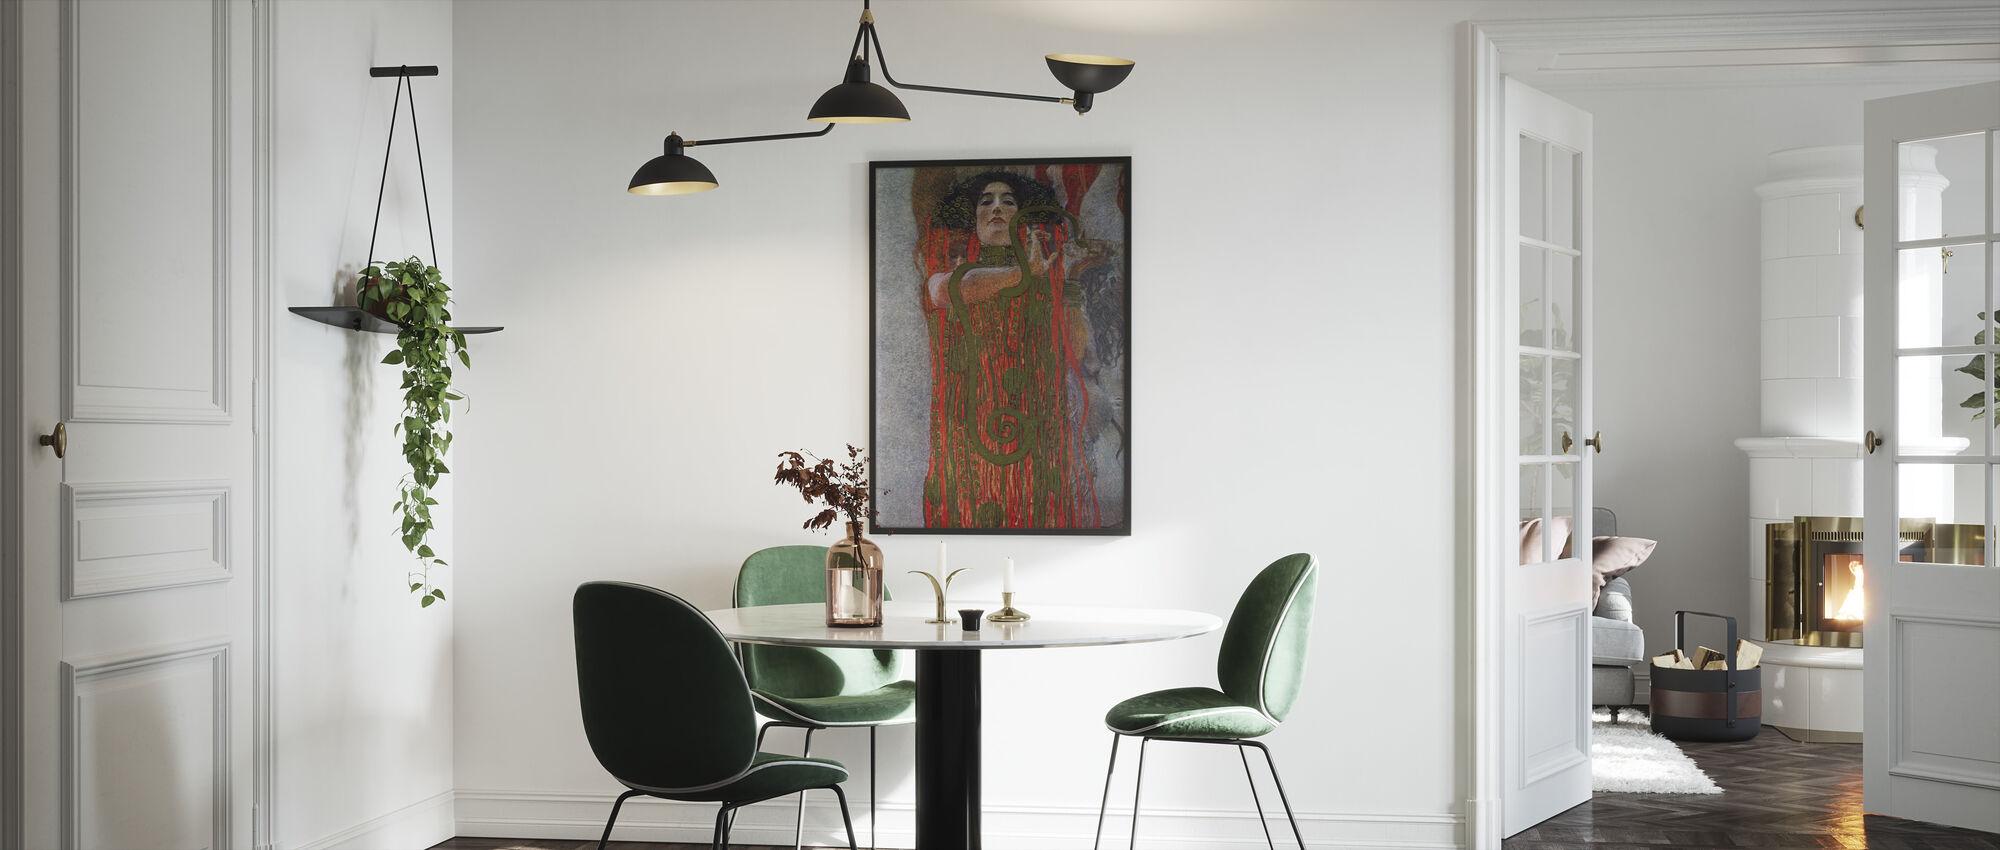 Hygieia - Gustav Klimt - Framed print - Kitchen